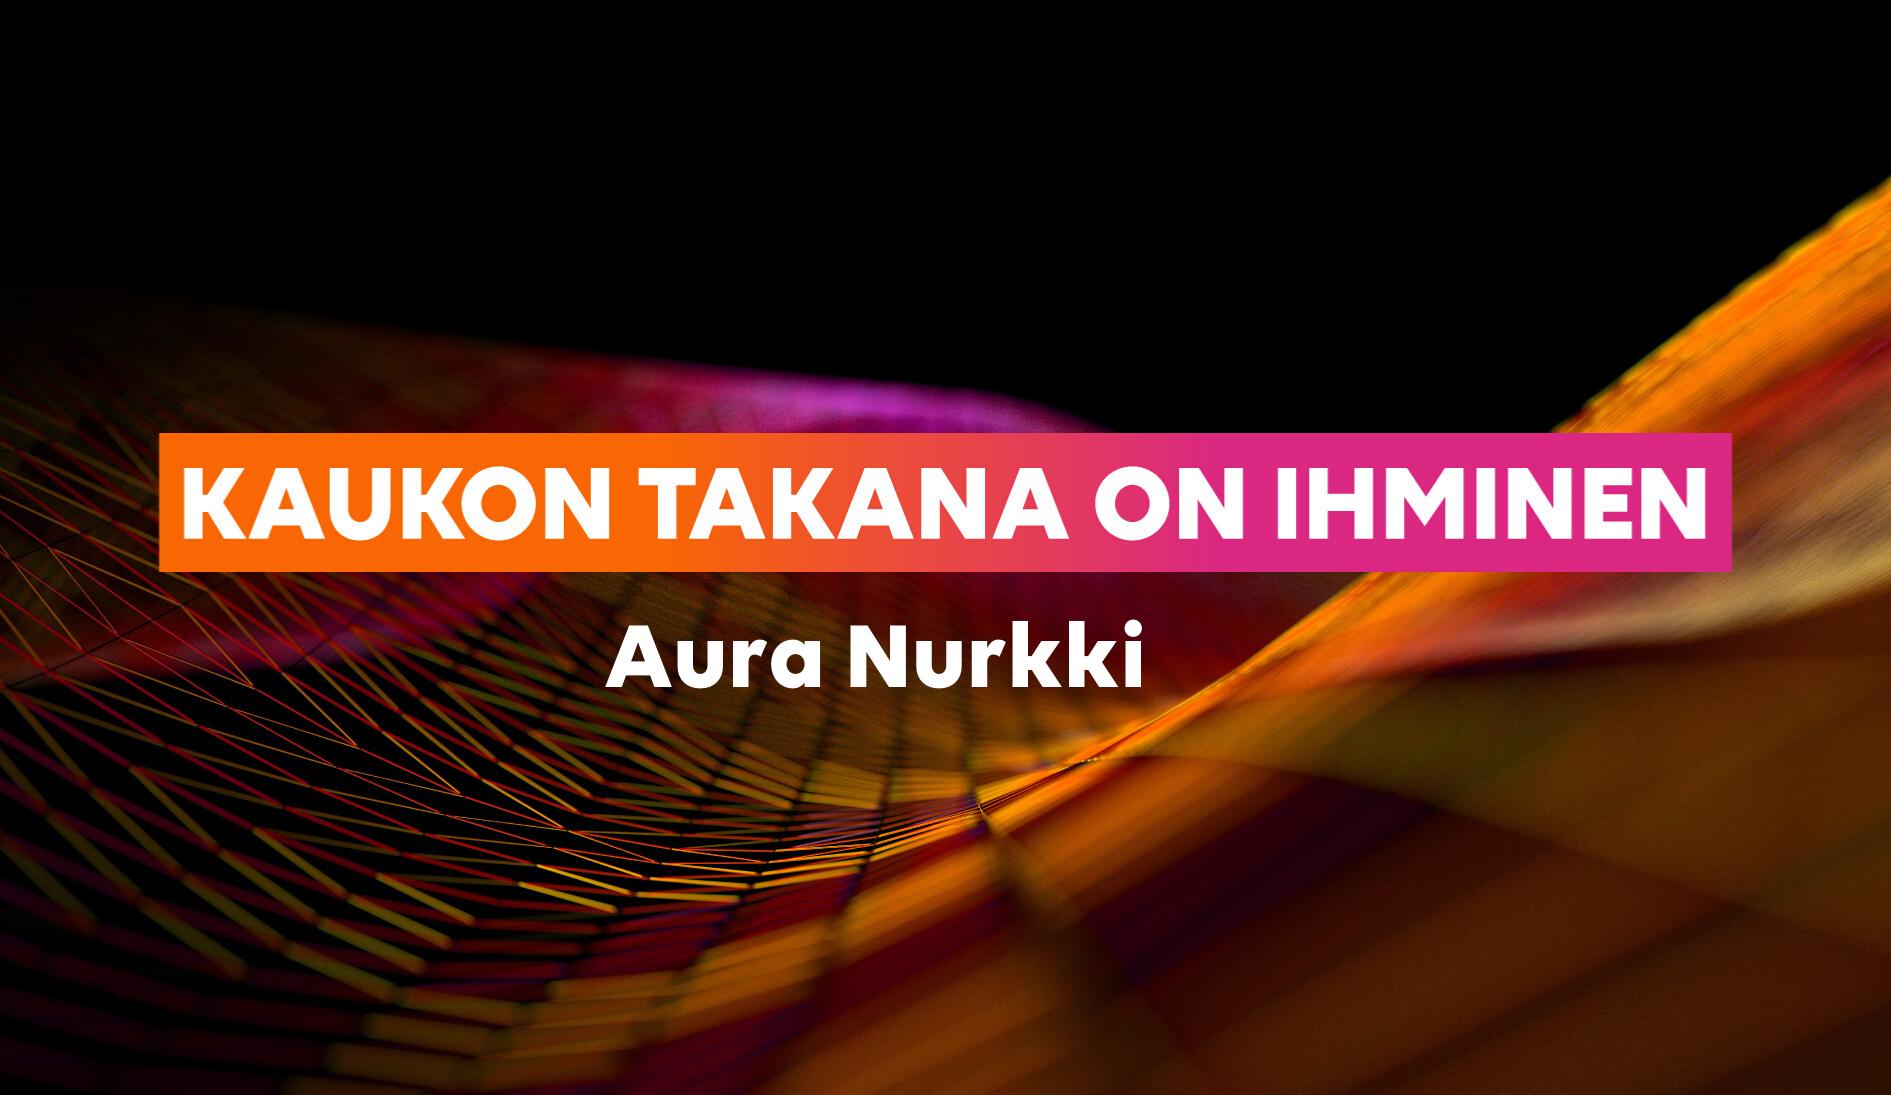 KAUKON TAKANA ON IHMINEN Aura Nurkki-1